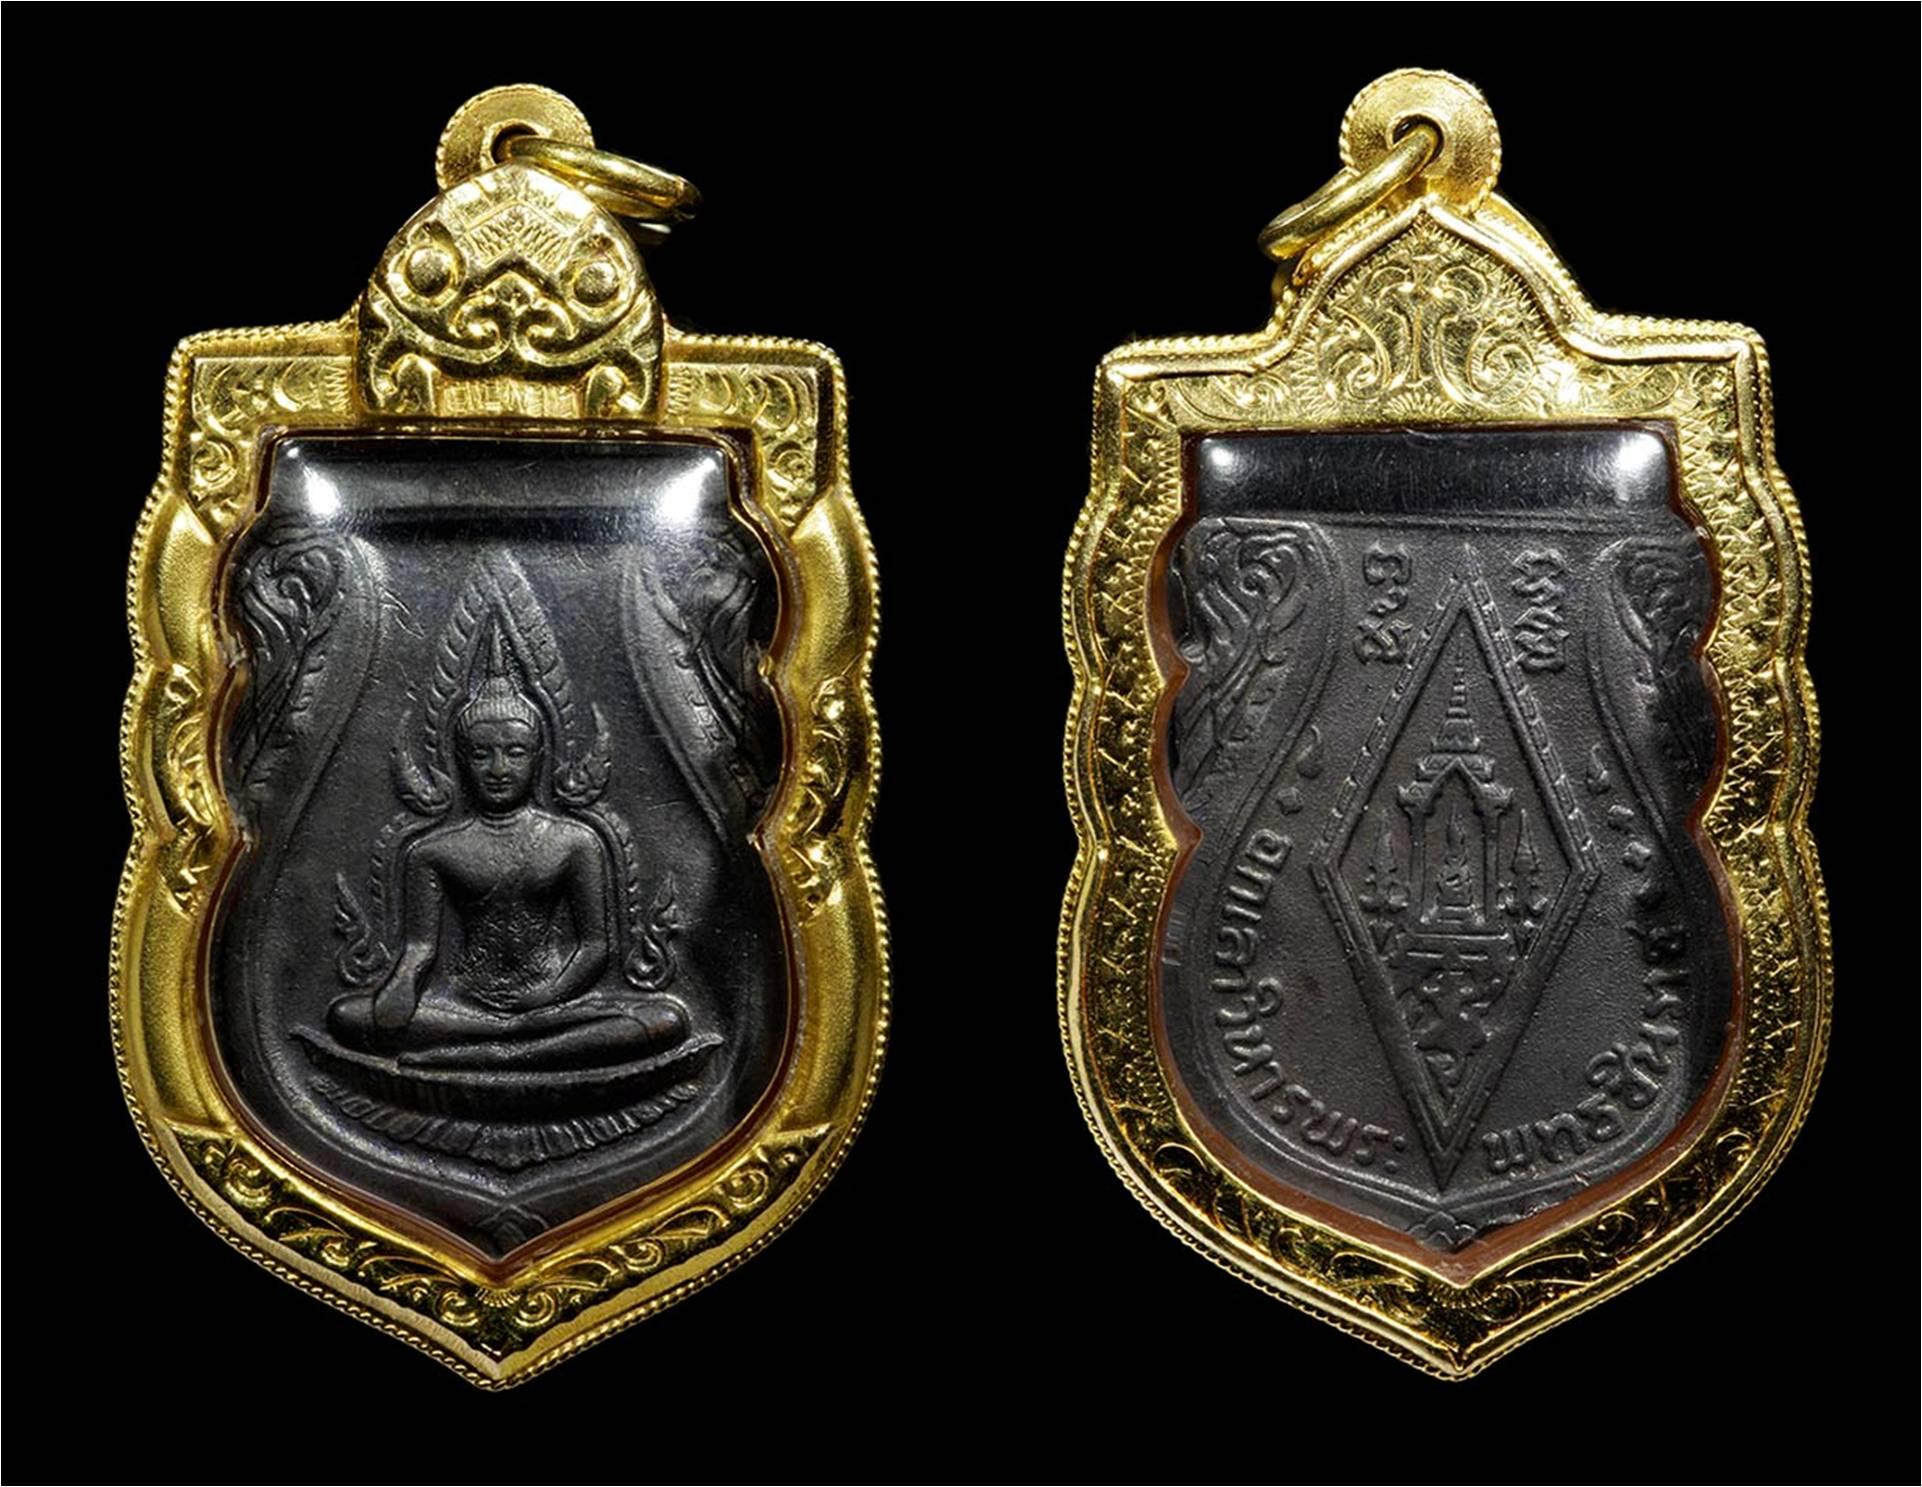 พระเครื่อง  พระพุทธชินราช อินโดจีน อะจุด นิยม สวยแชมป์